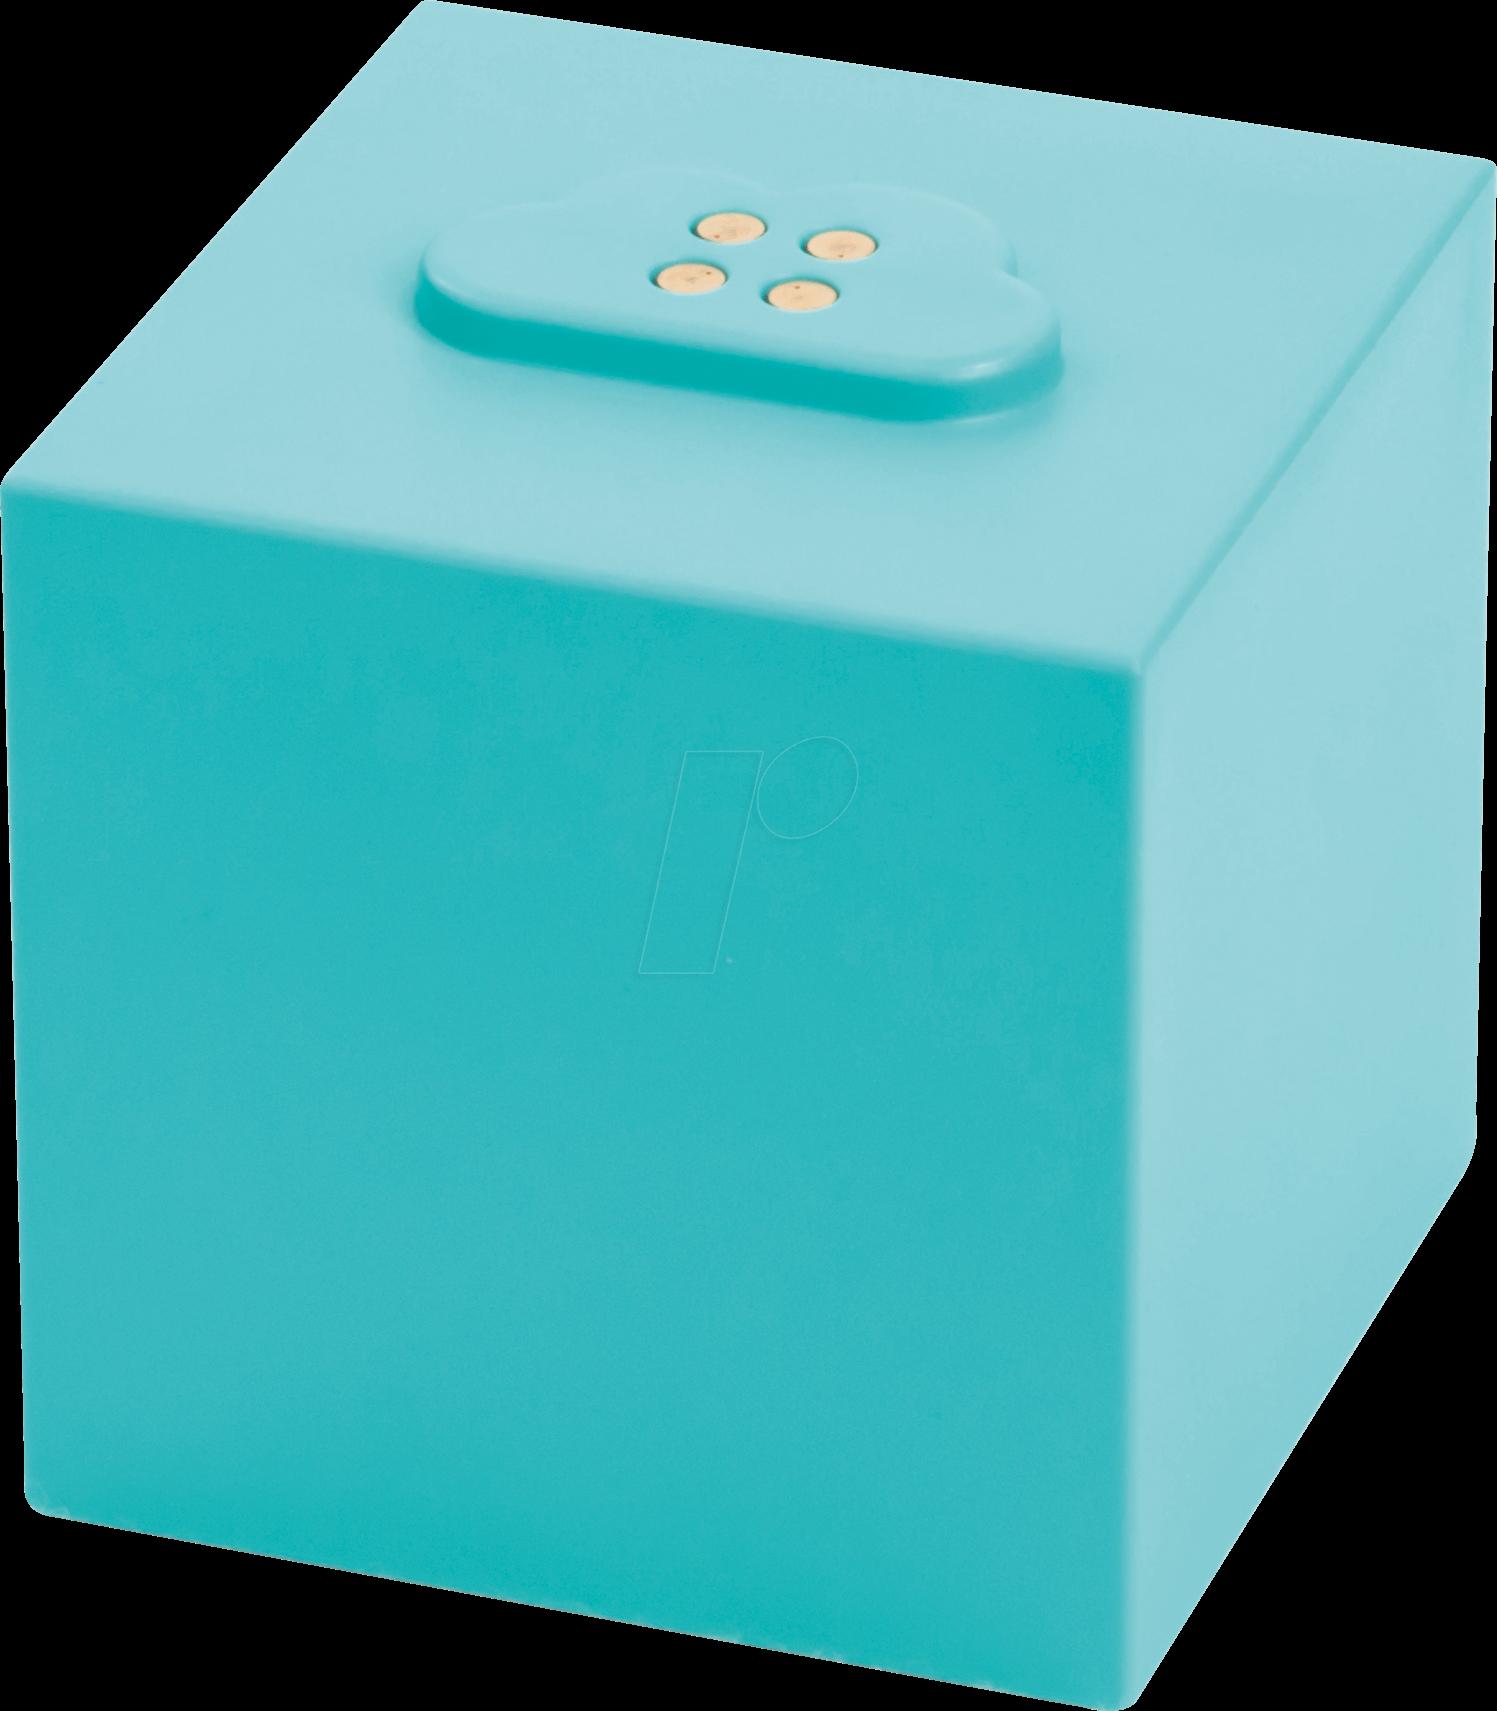 Homee Enocean Cube : homee eo enocean cube erweiterung bei reichelt elektronik ~ Lizthompson.info Haus und Dekorationen